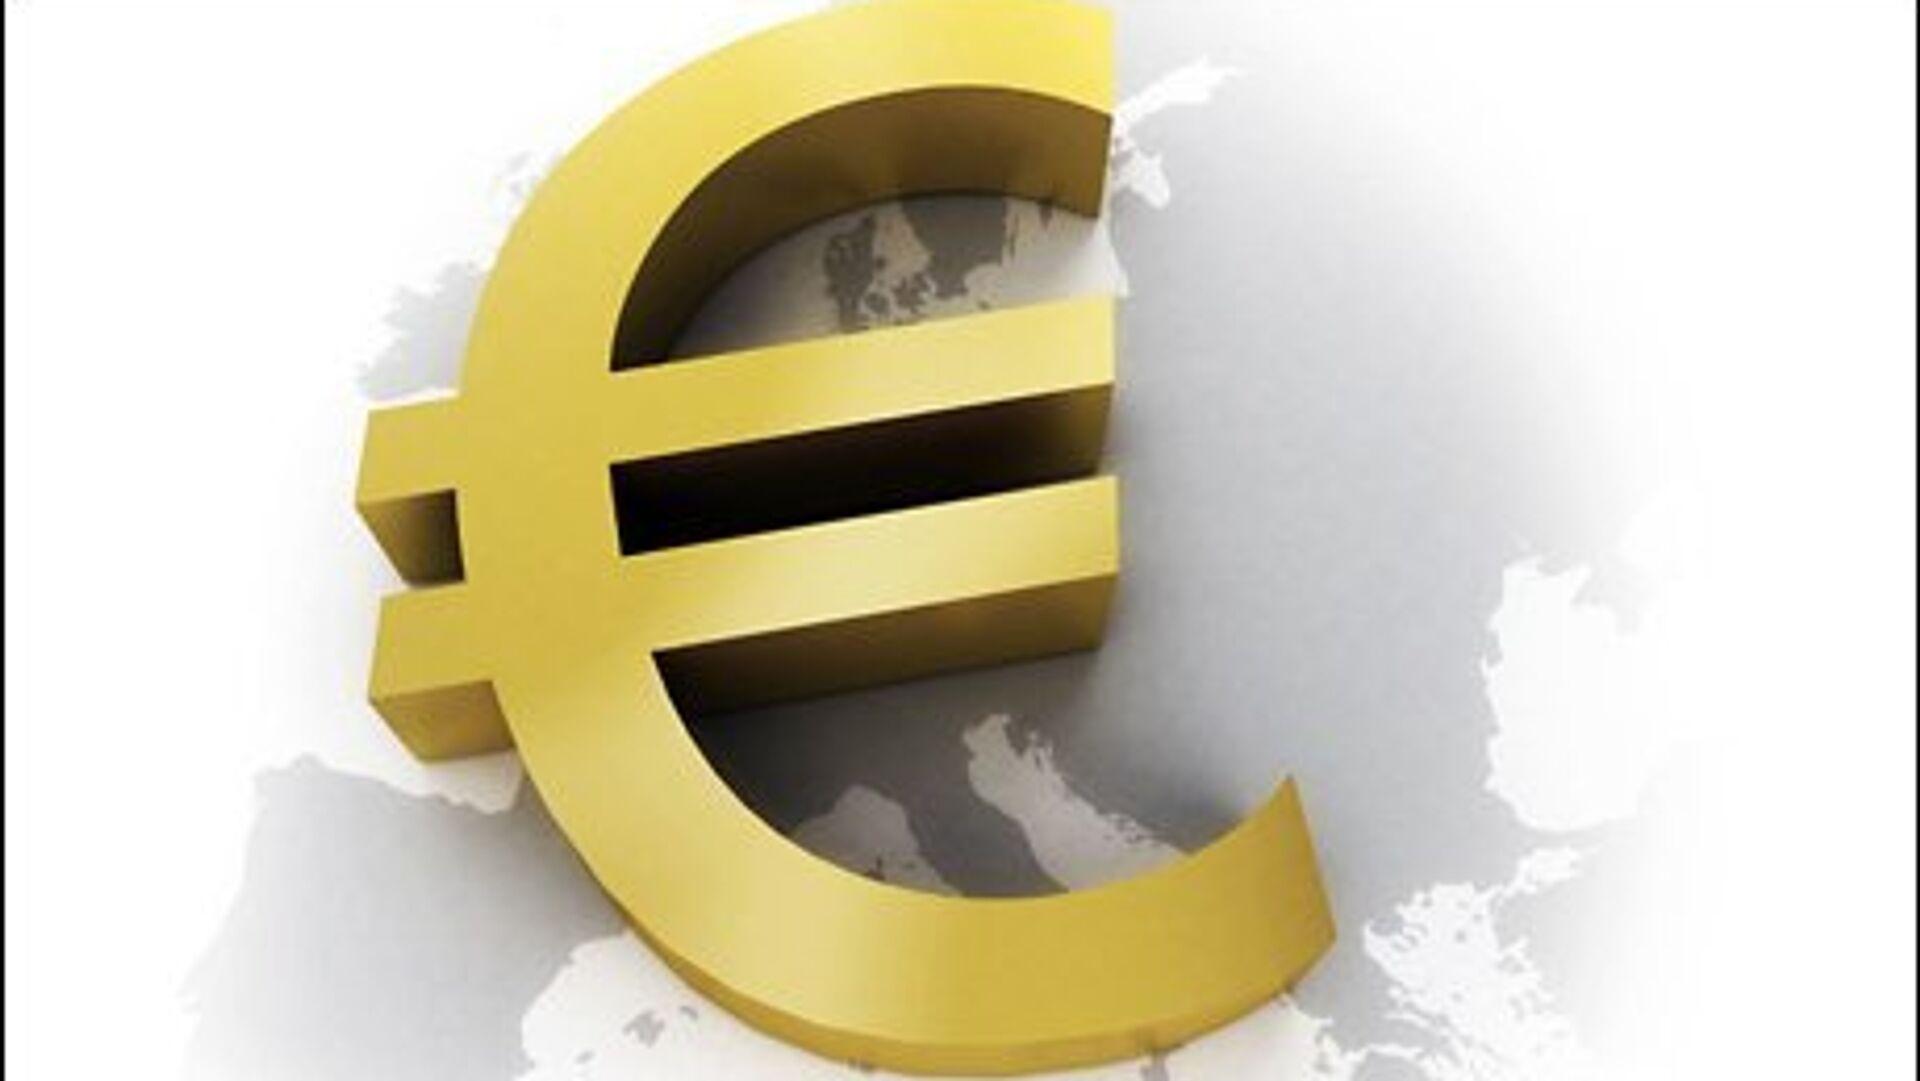 L'économie de la zone euro peine à repartir - Sputnik France, 1920, 13.10.2021